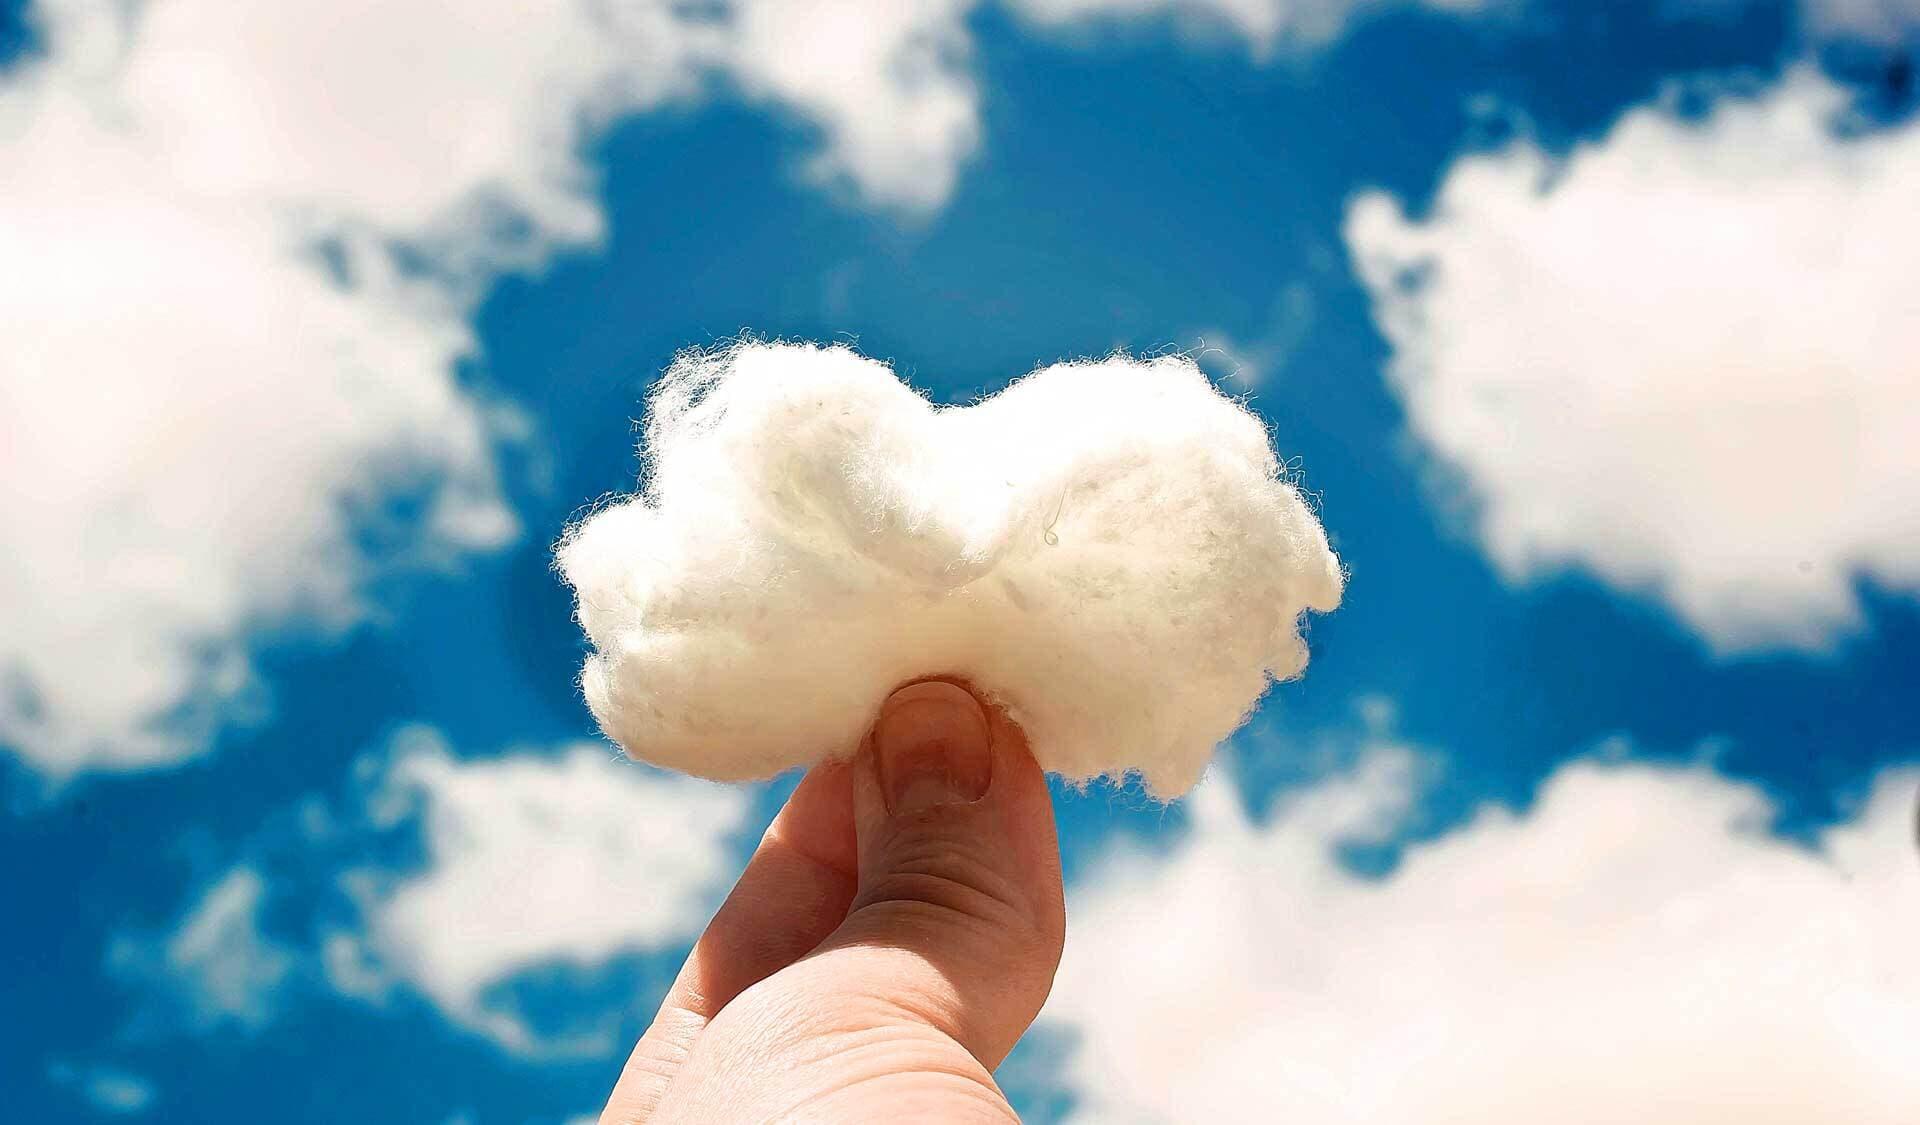 Ein Büschel Baumwolle vor blauem Himmel, das den weißen Wolken darn ähnelt.